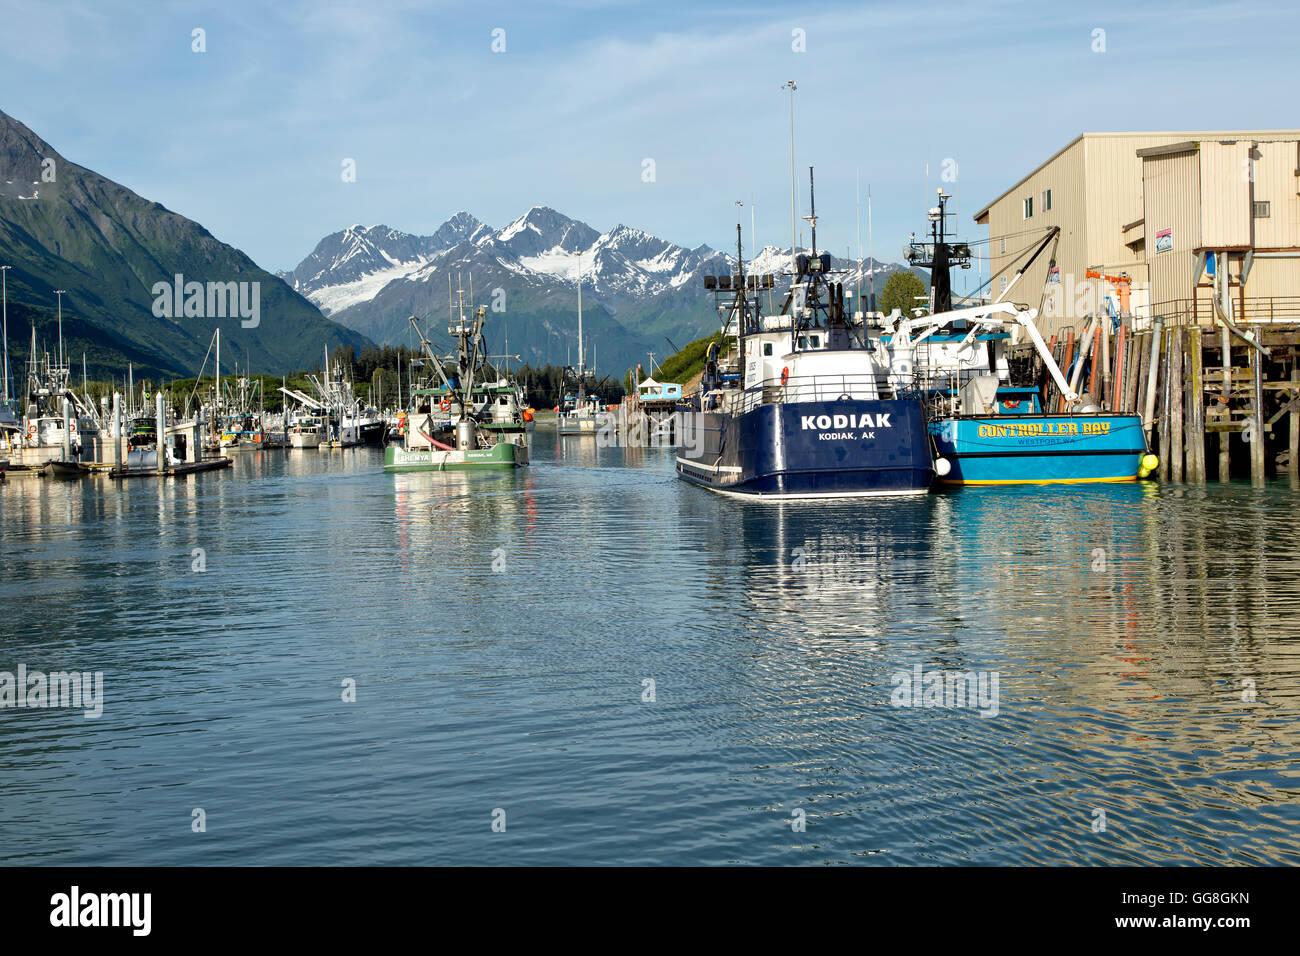 Fishing boats, Service Vessels moored, Port Of Valdez. - Stock Image